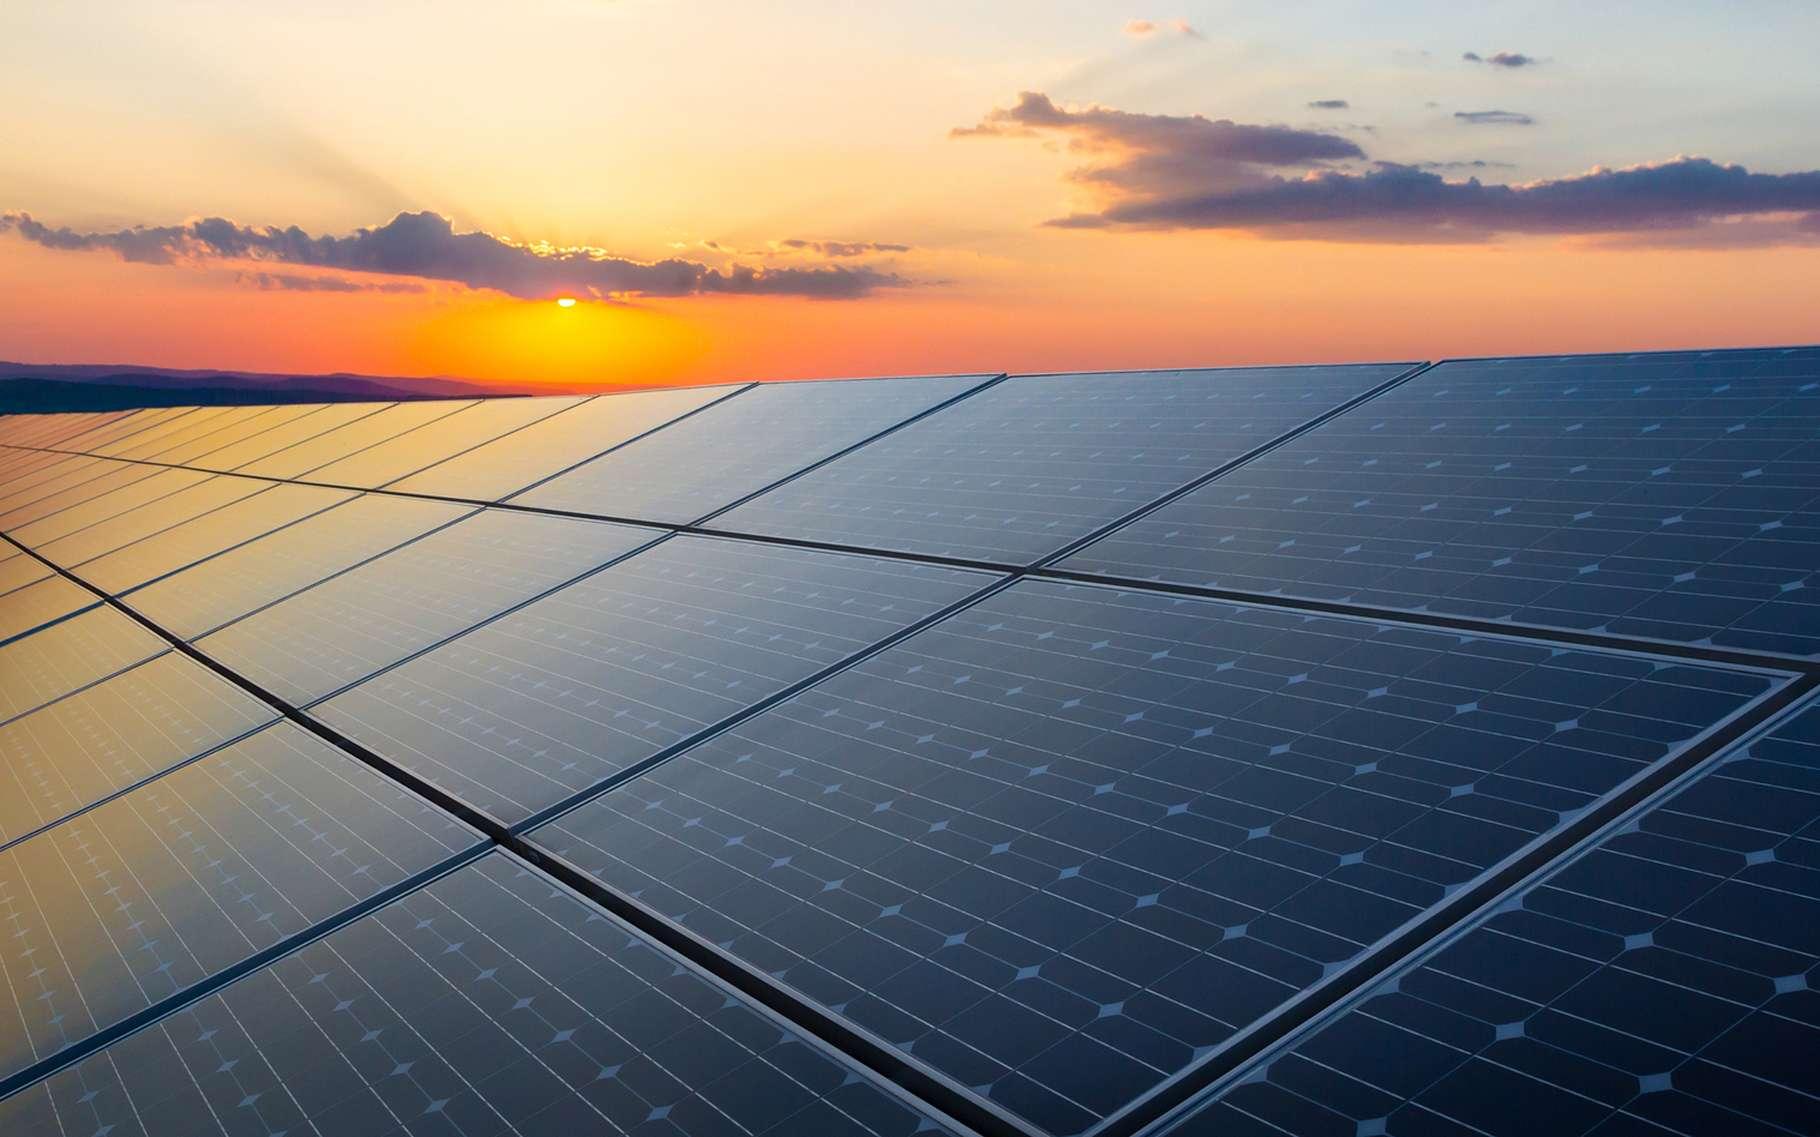 Des chercheurs du MIT et du Masdar Institute proposent des cellules solaires dont l'efficacité serait économiquement intéressante. Entre les cellules photovoltaïques hyper efficaces, mais réservées à des marchés de niche, et les panneaux solaires grand public, ces nouvelles cellules pourraient bien trouver un nouveau marché. © foxbat, Shutterstock